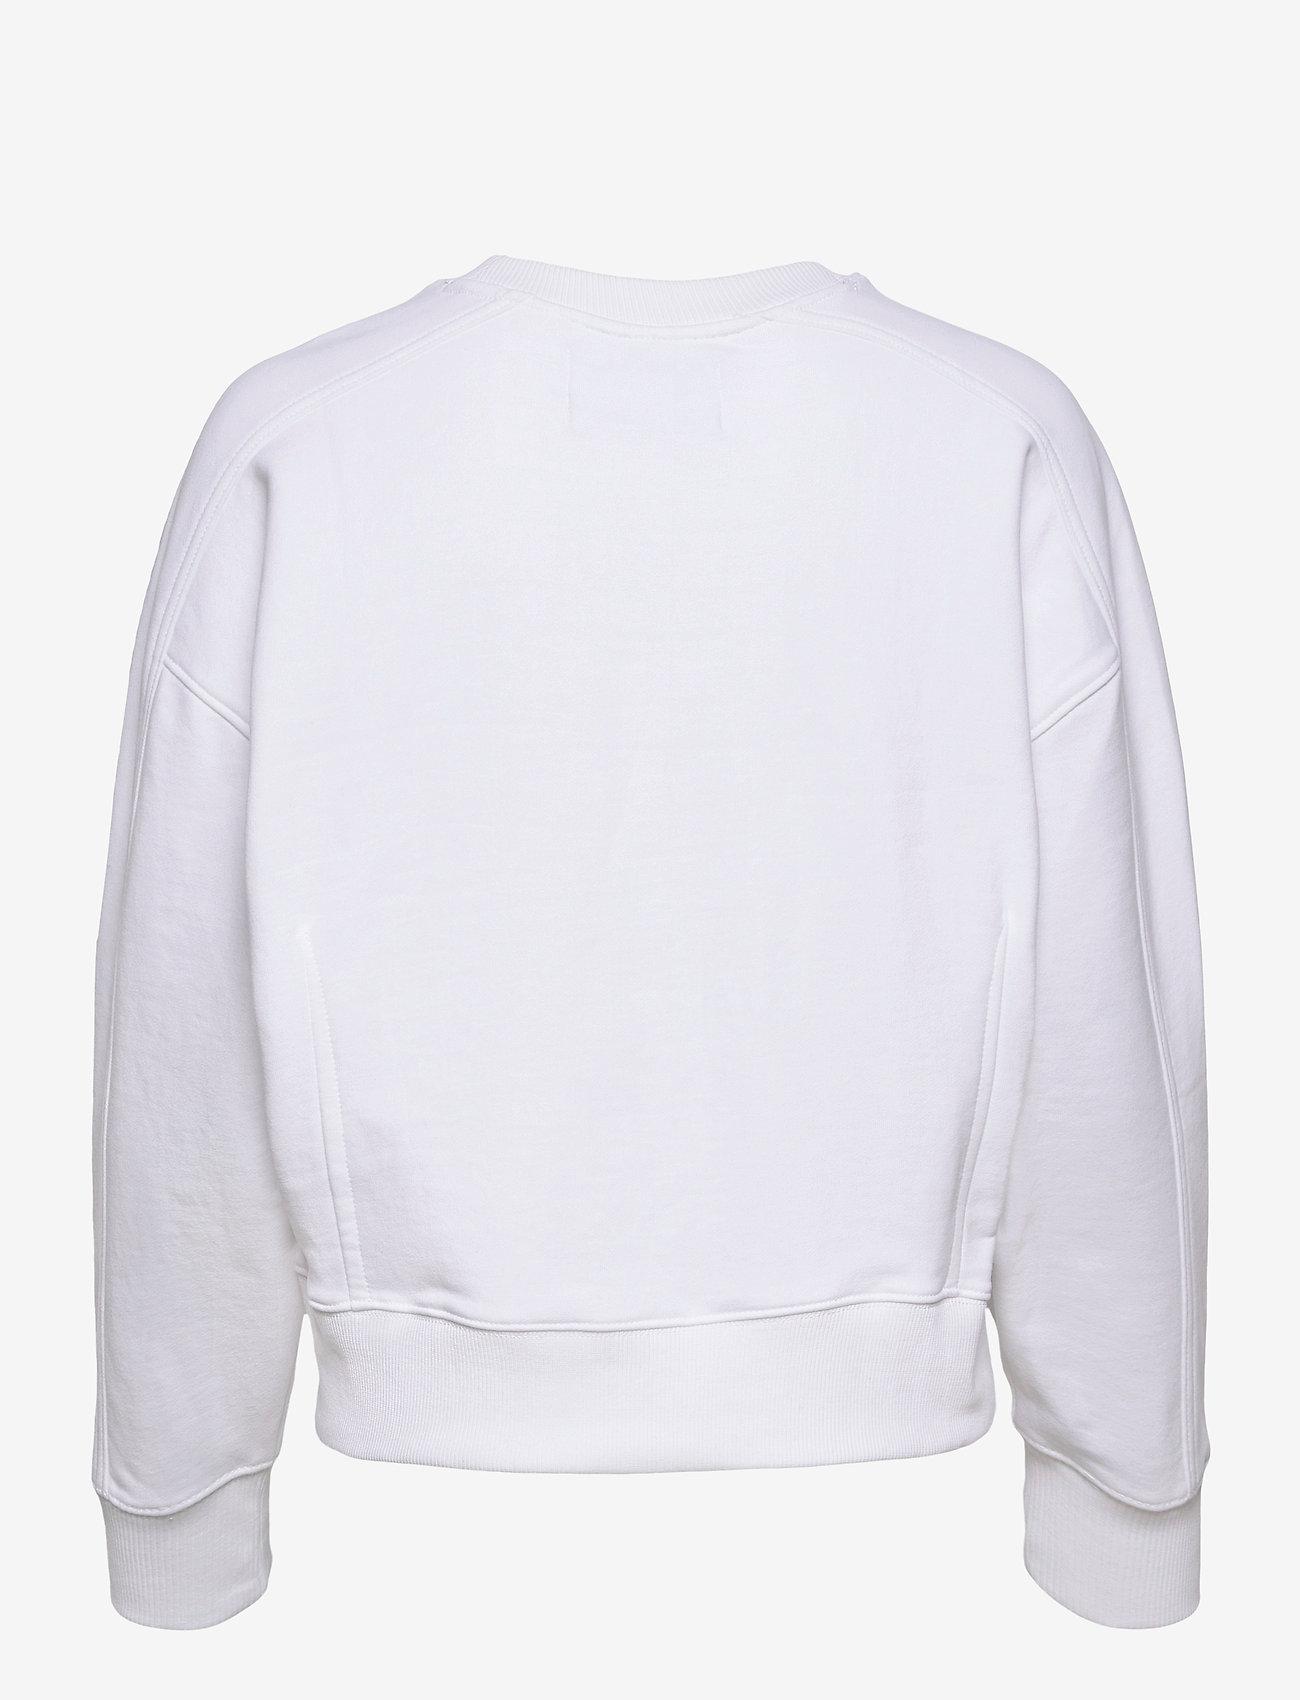 Calvin Klein Jeans - MICRO BRANDING SWEATSHIRT - gensere og hettegensere - bright white - 1